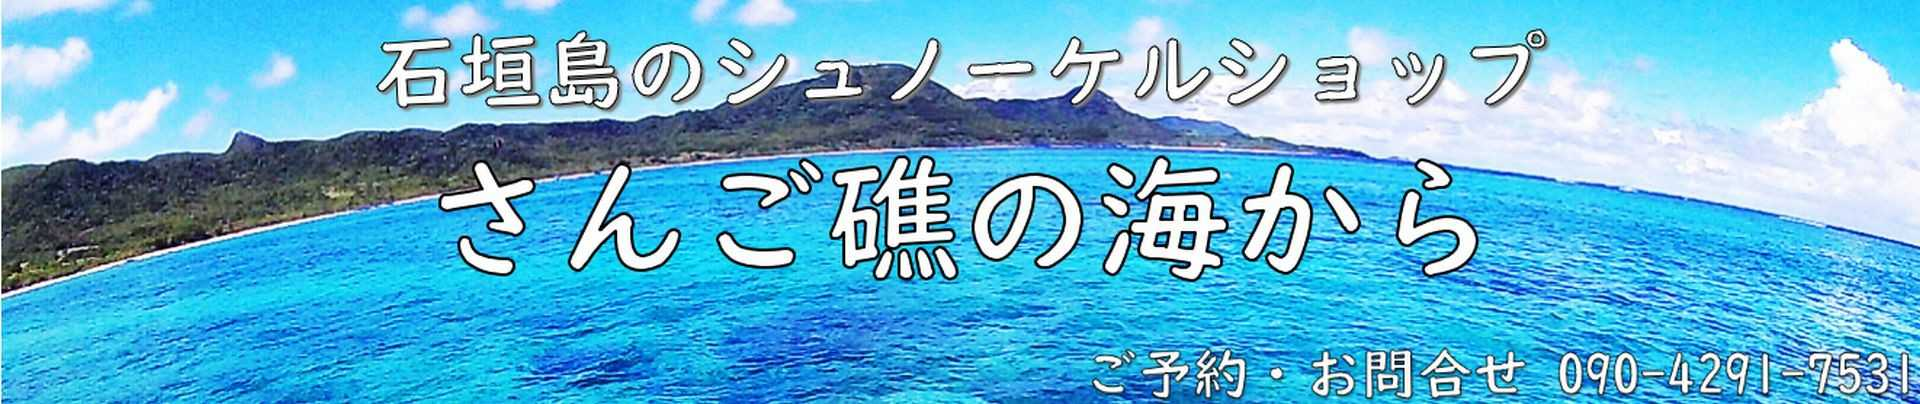 石垣島で少人数のシュノーケリングショップ『さんご礁の海から』初心者の方にもおすすめの午前と午後の半日ツアーを開催